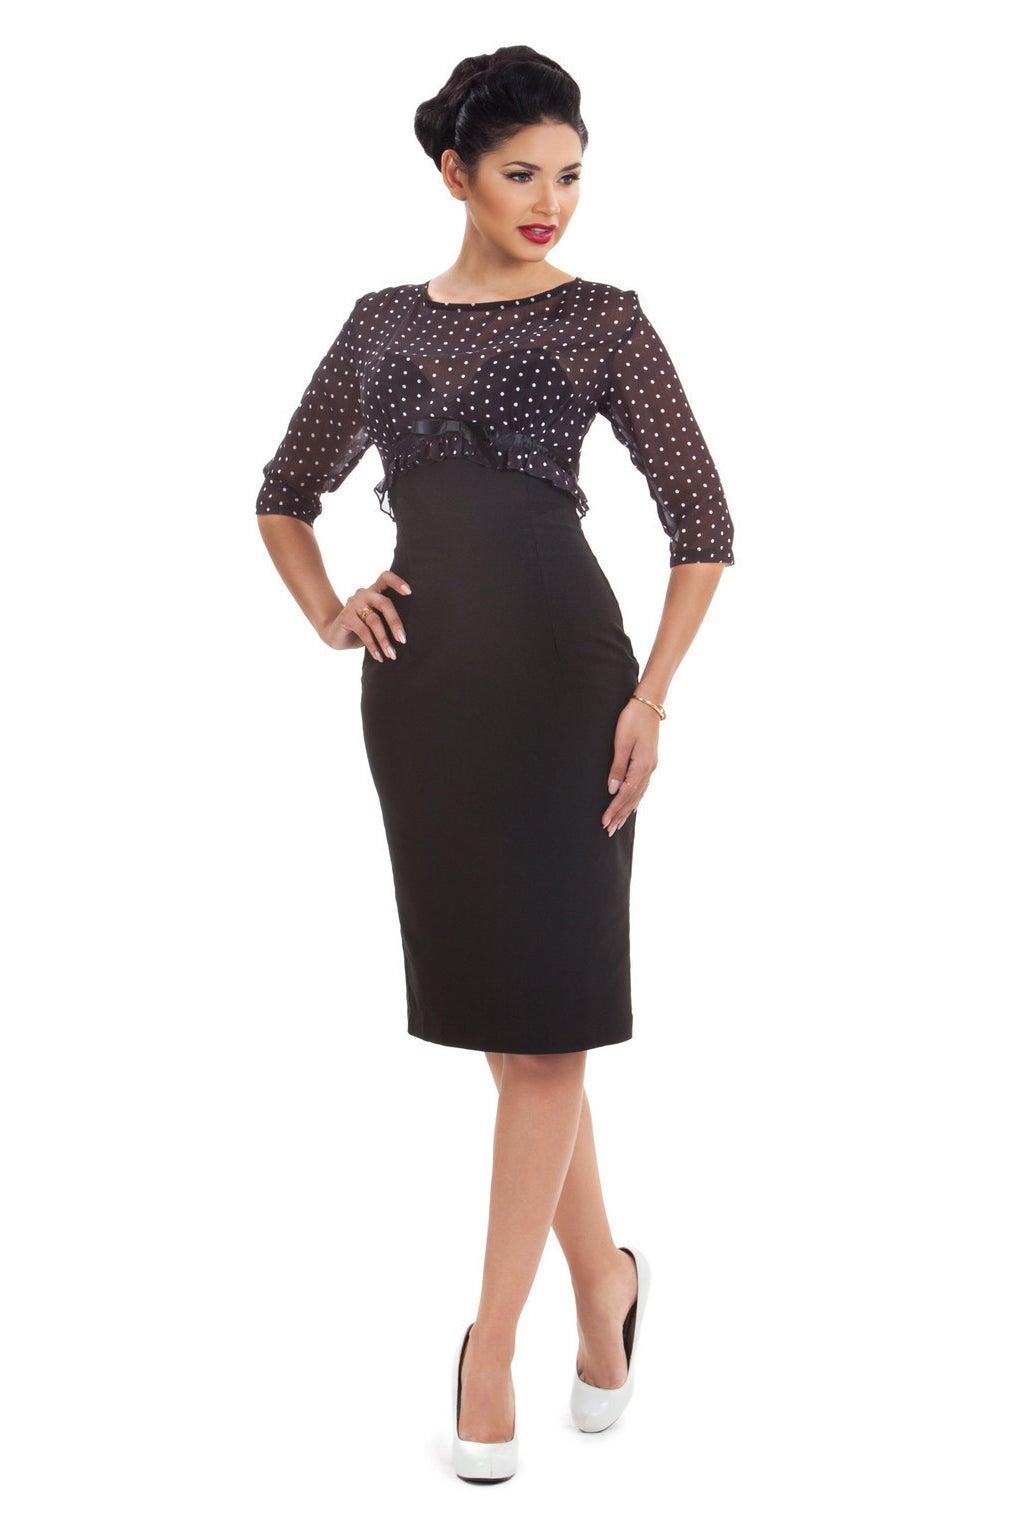 Dress, $85.50